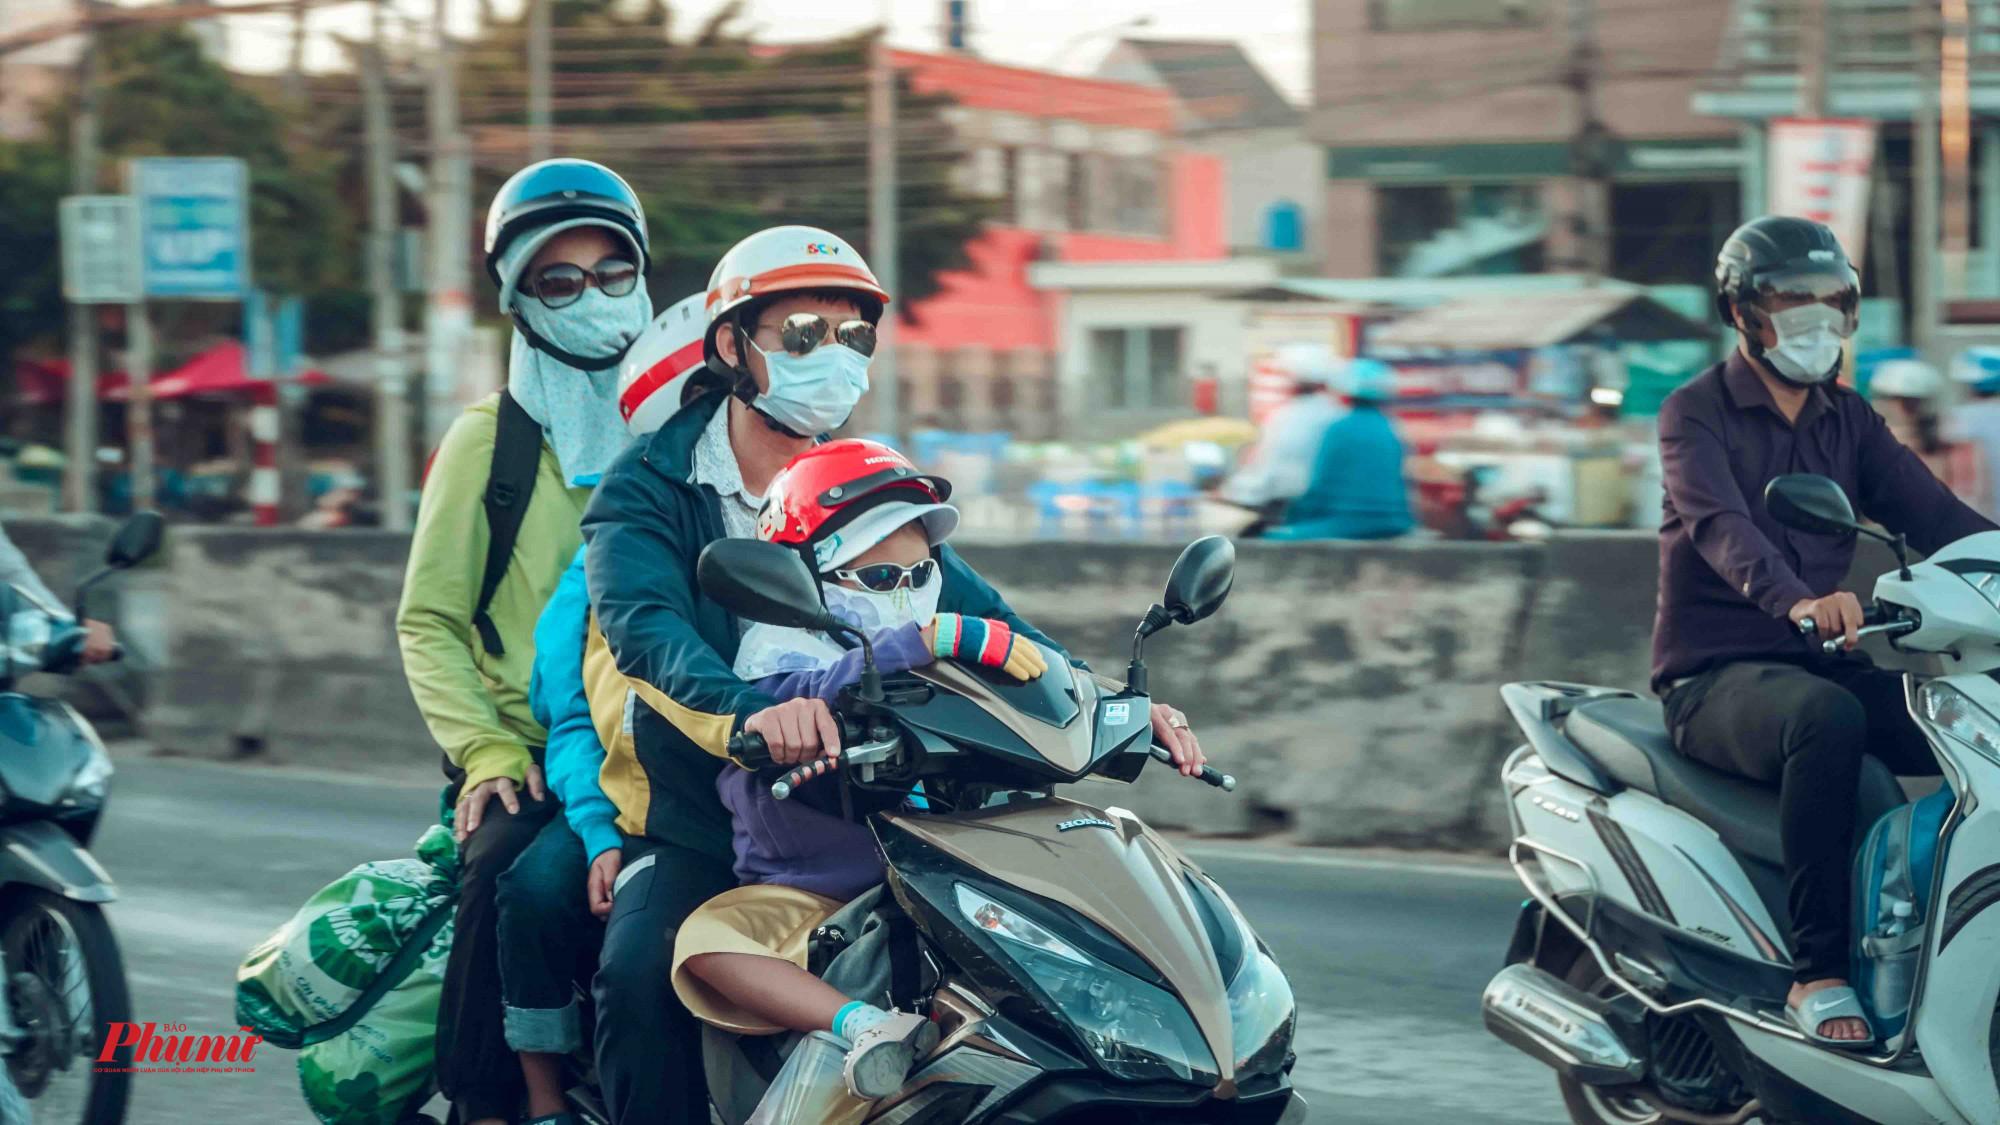 Đại gia đình cùng nhau về Sài Gòn sau kỳ nghỉ